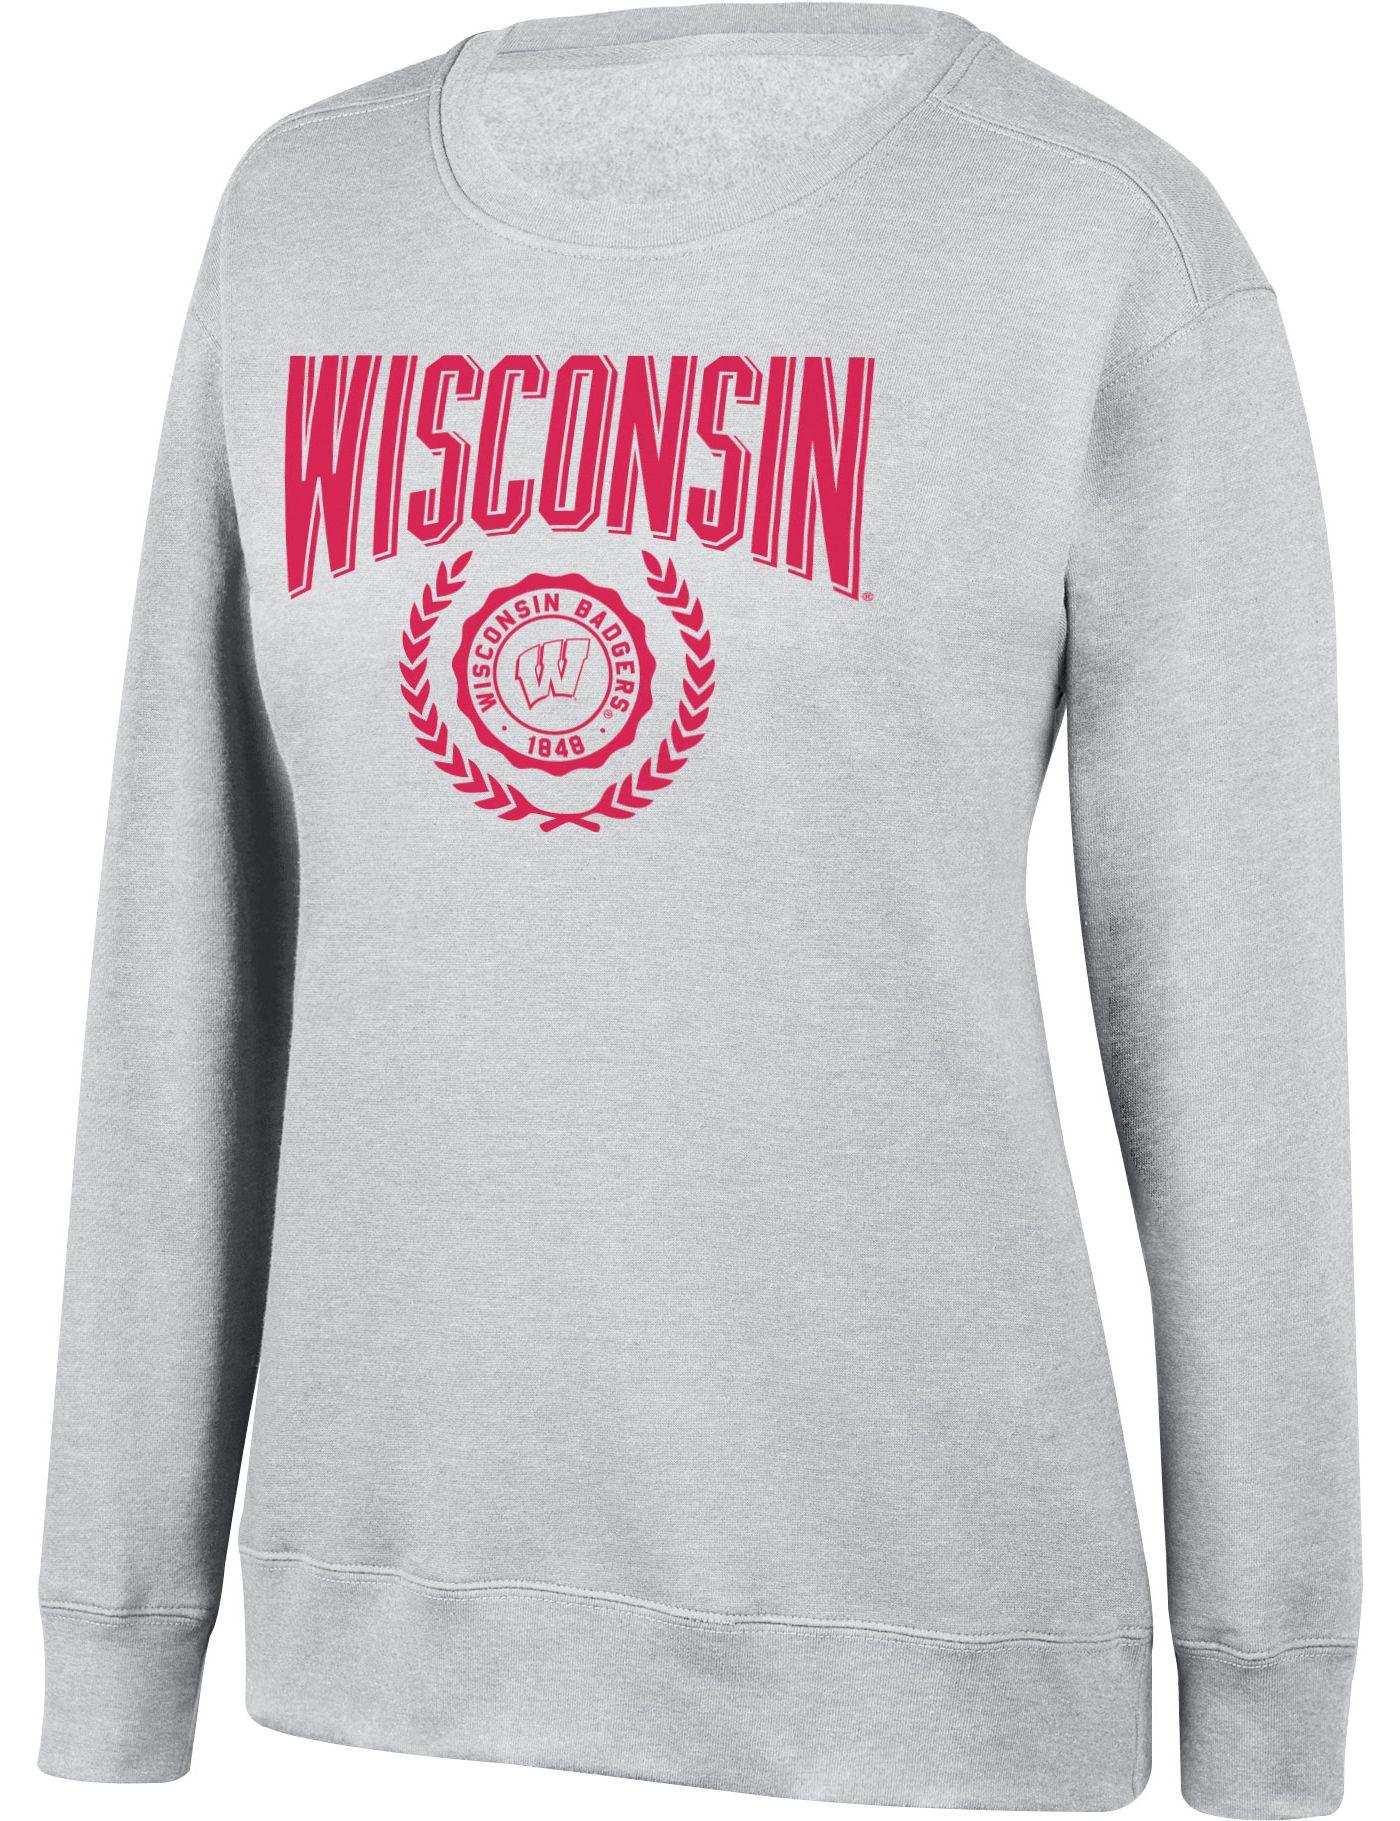 Top of the World Women's Wisconsin Badgers Favorite Fleece White Crewneck Sweatshirt